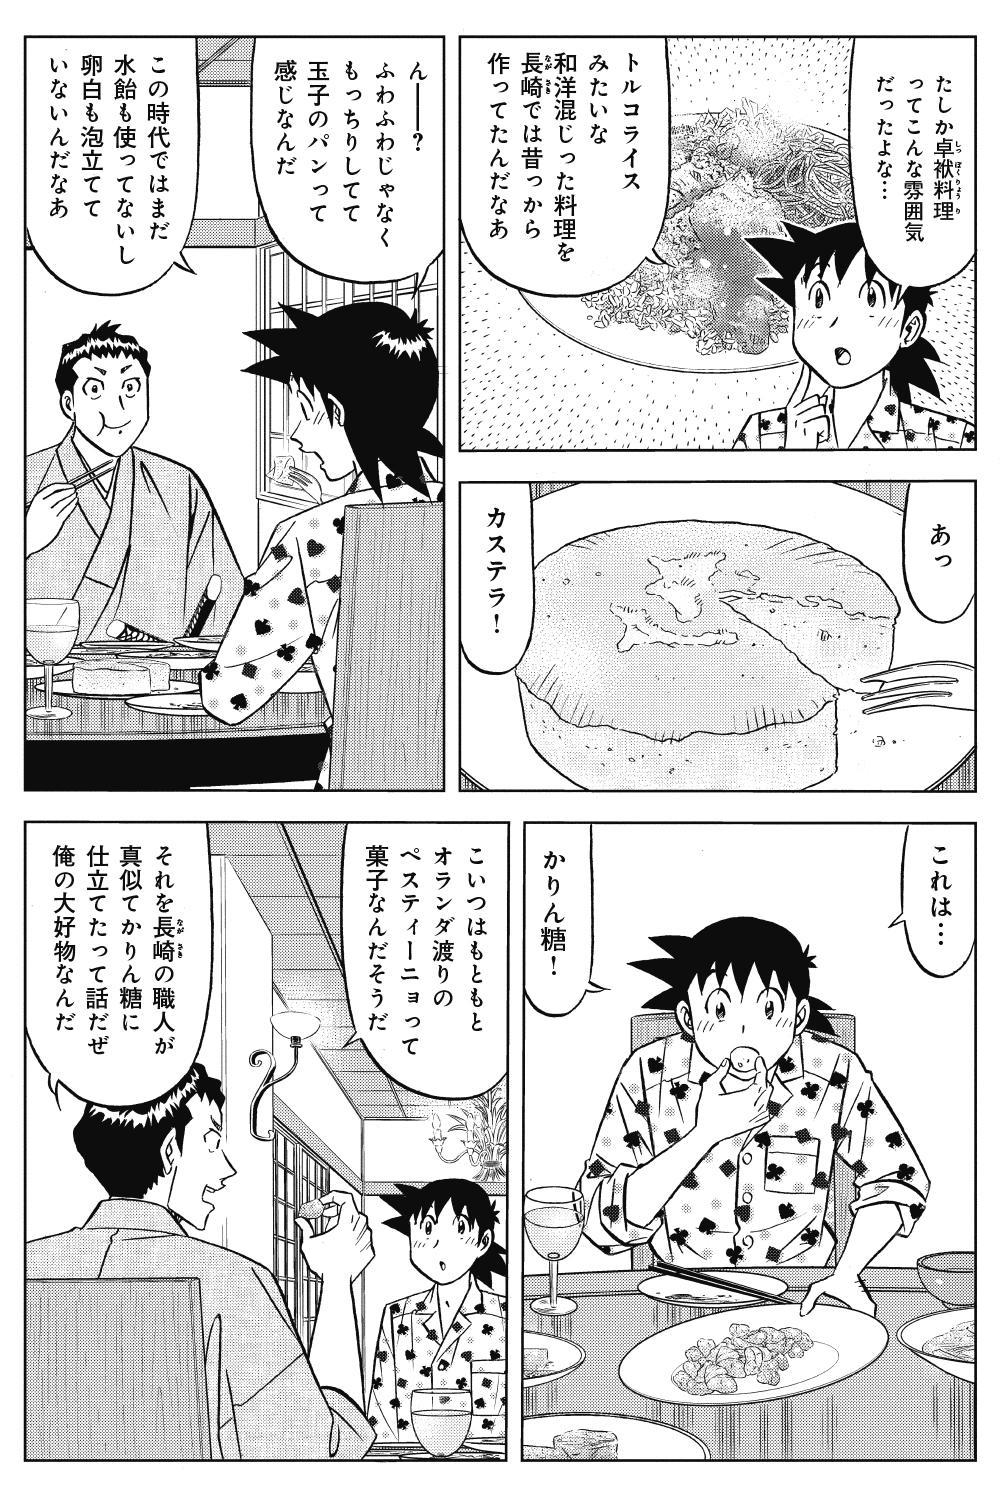 ミスター味っ子 幕末編 第2話「列強襲来」①ajikko2-1-7.jpg